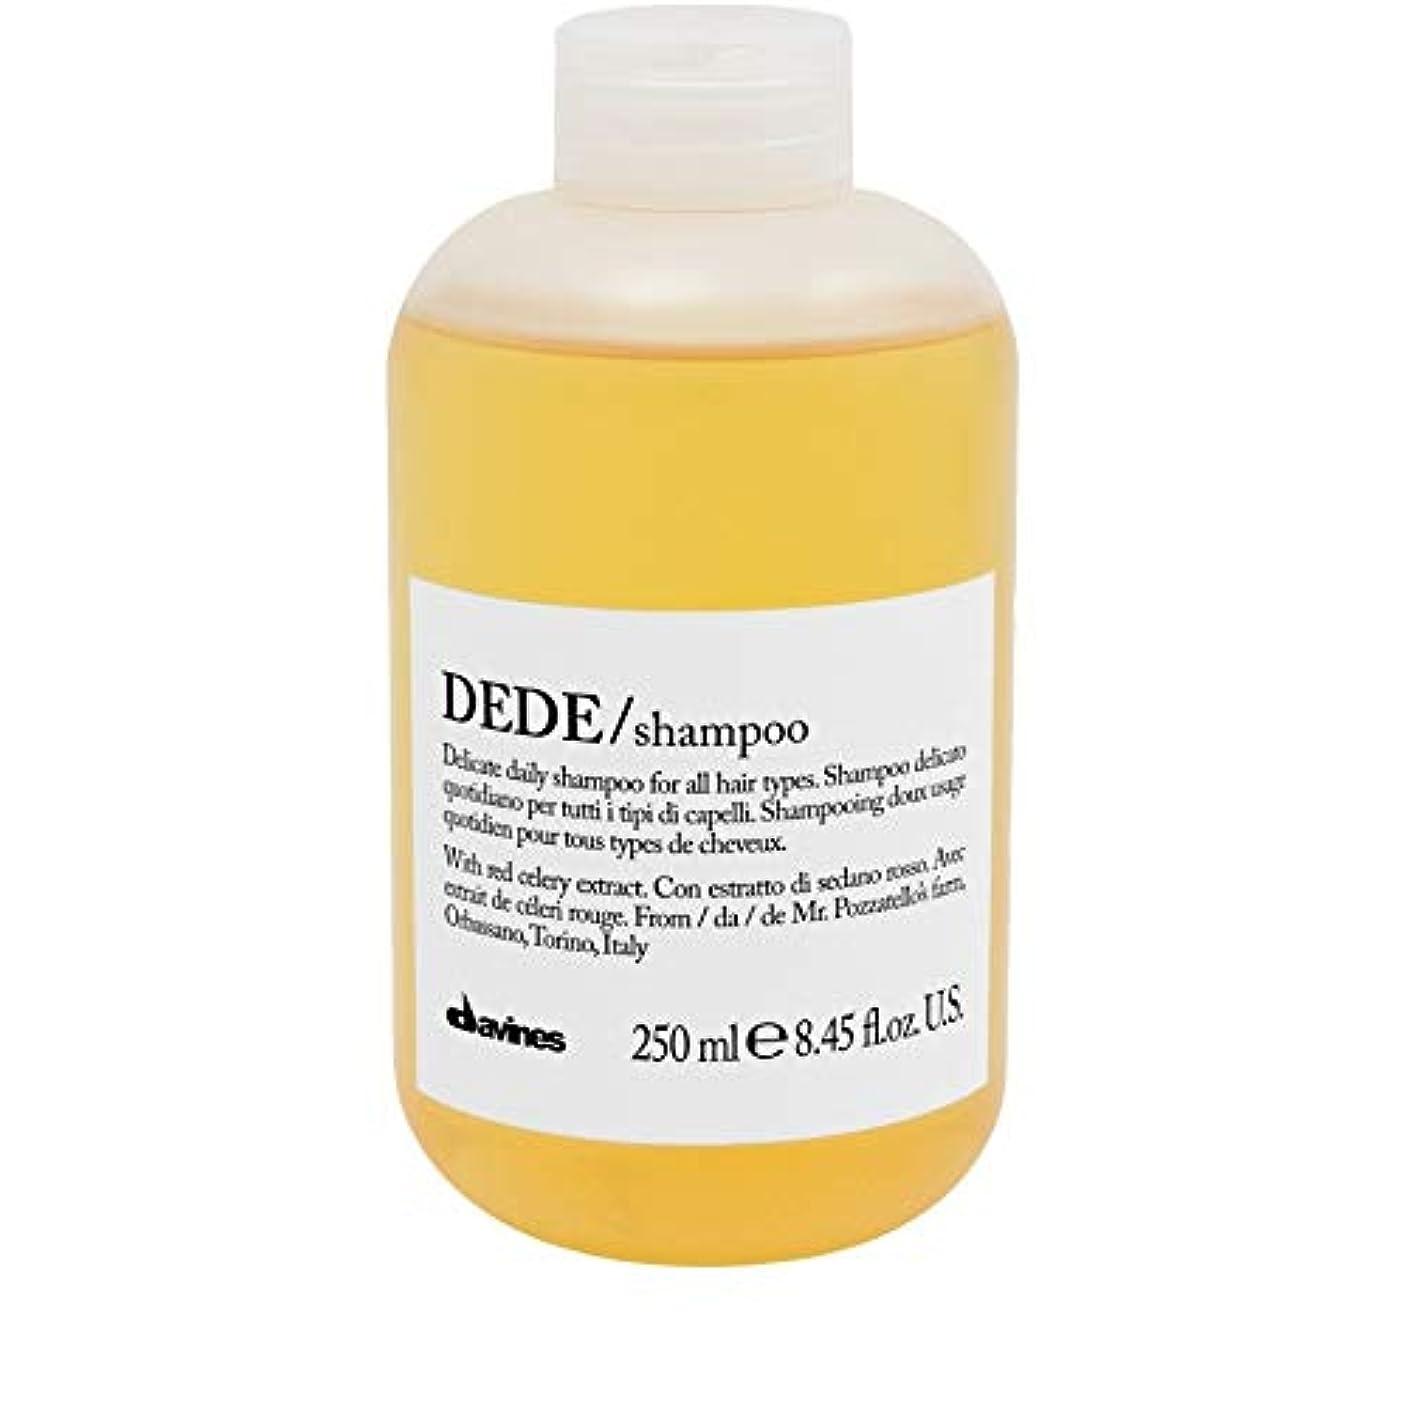 評判フラスコ全国[Davines ] ダヴィネスDedeシャンプー250Ml - Davines Dede Shampoo 250ml [並行輸入品]